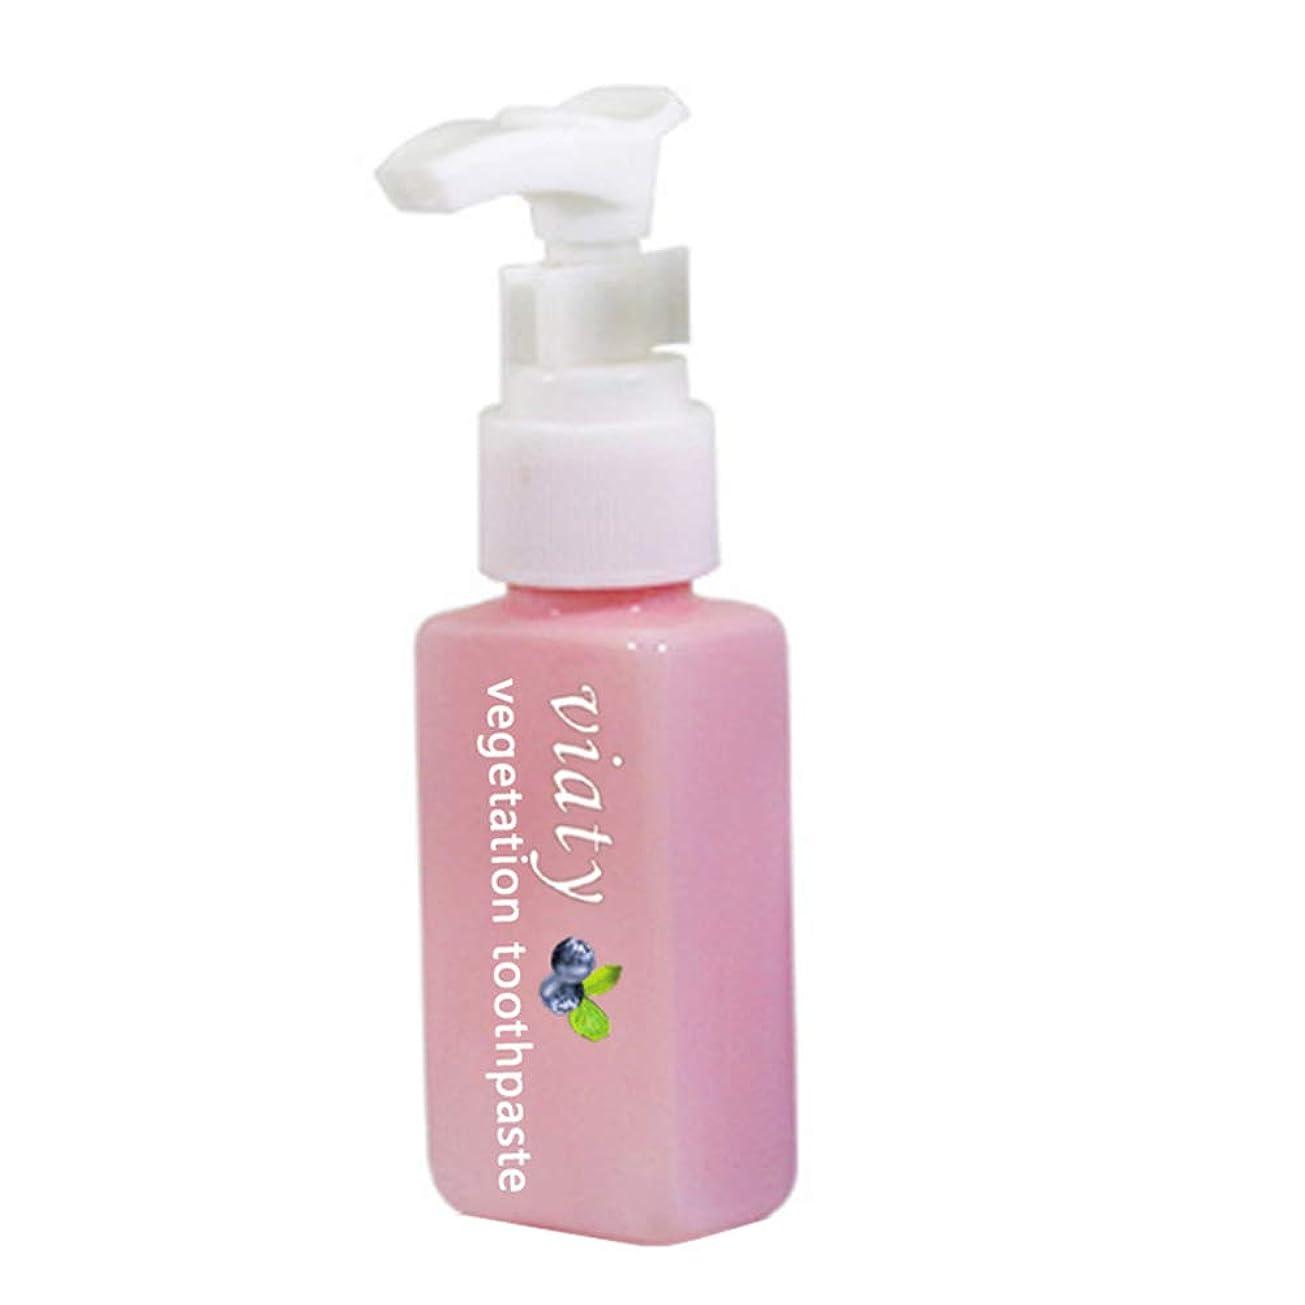 仕方忠誠歴史JanusSaja歯磨き粉アンチブリードガムプレスタイプ新鮮な歯磨き粉を白くする汚れ除去剤